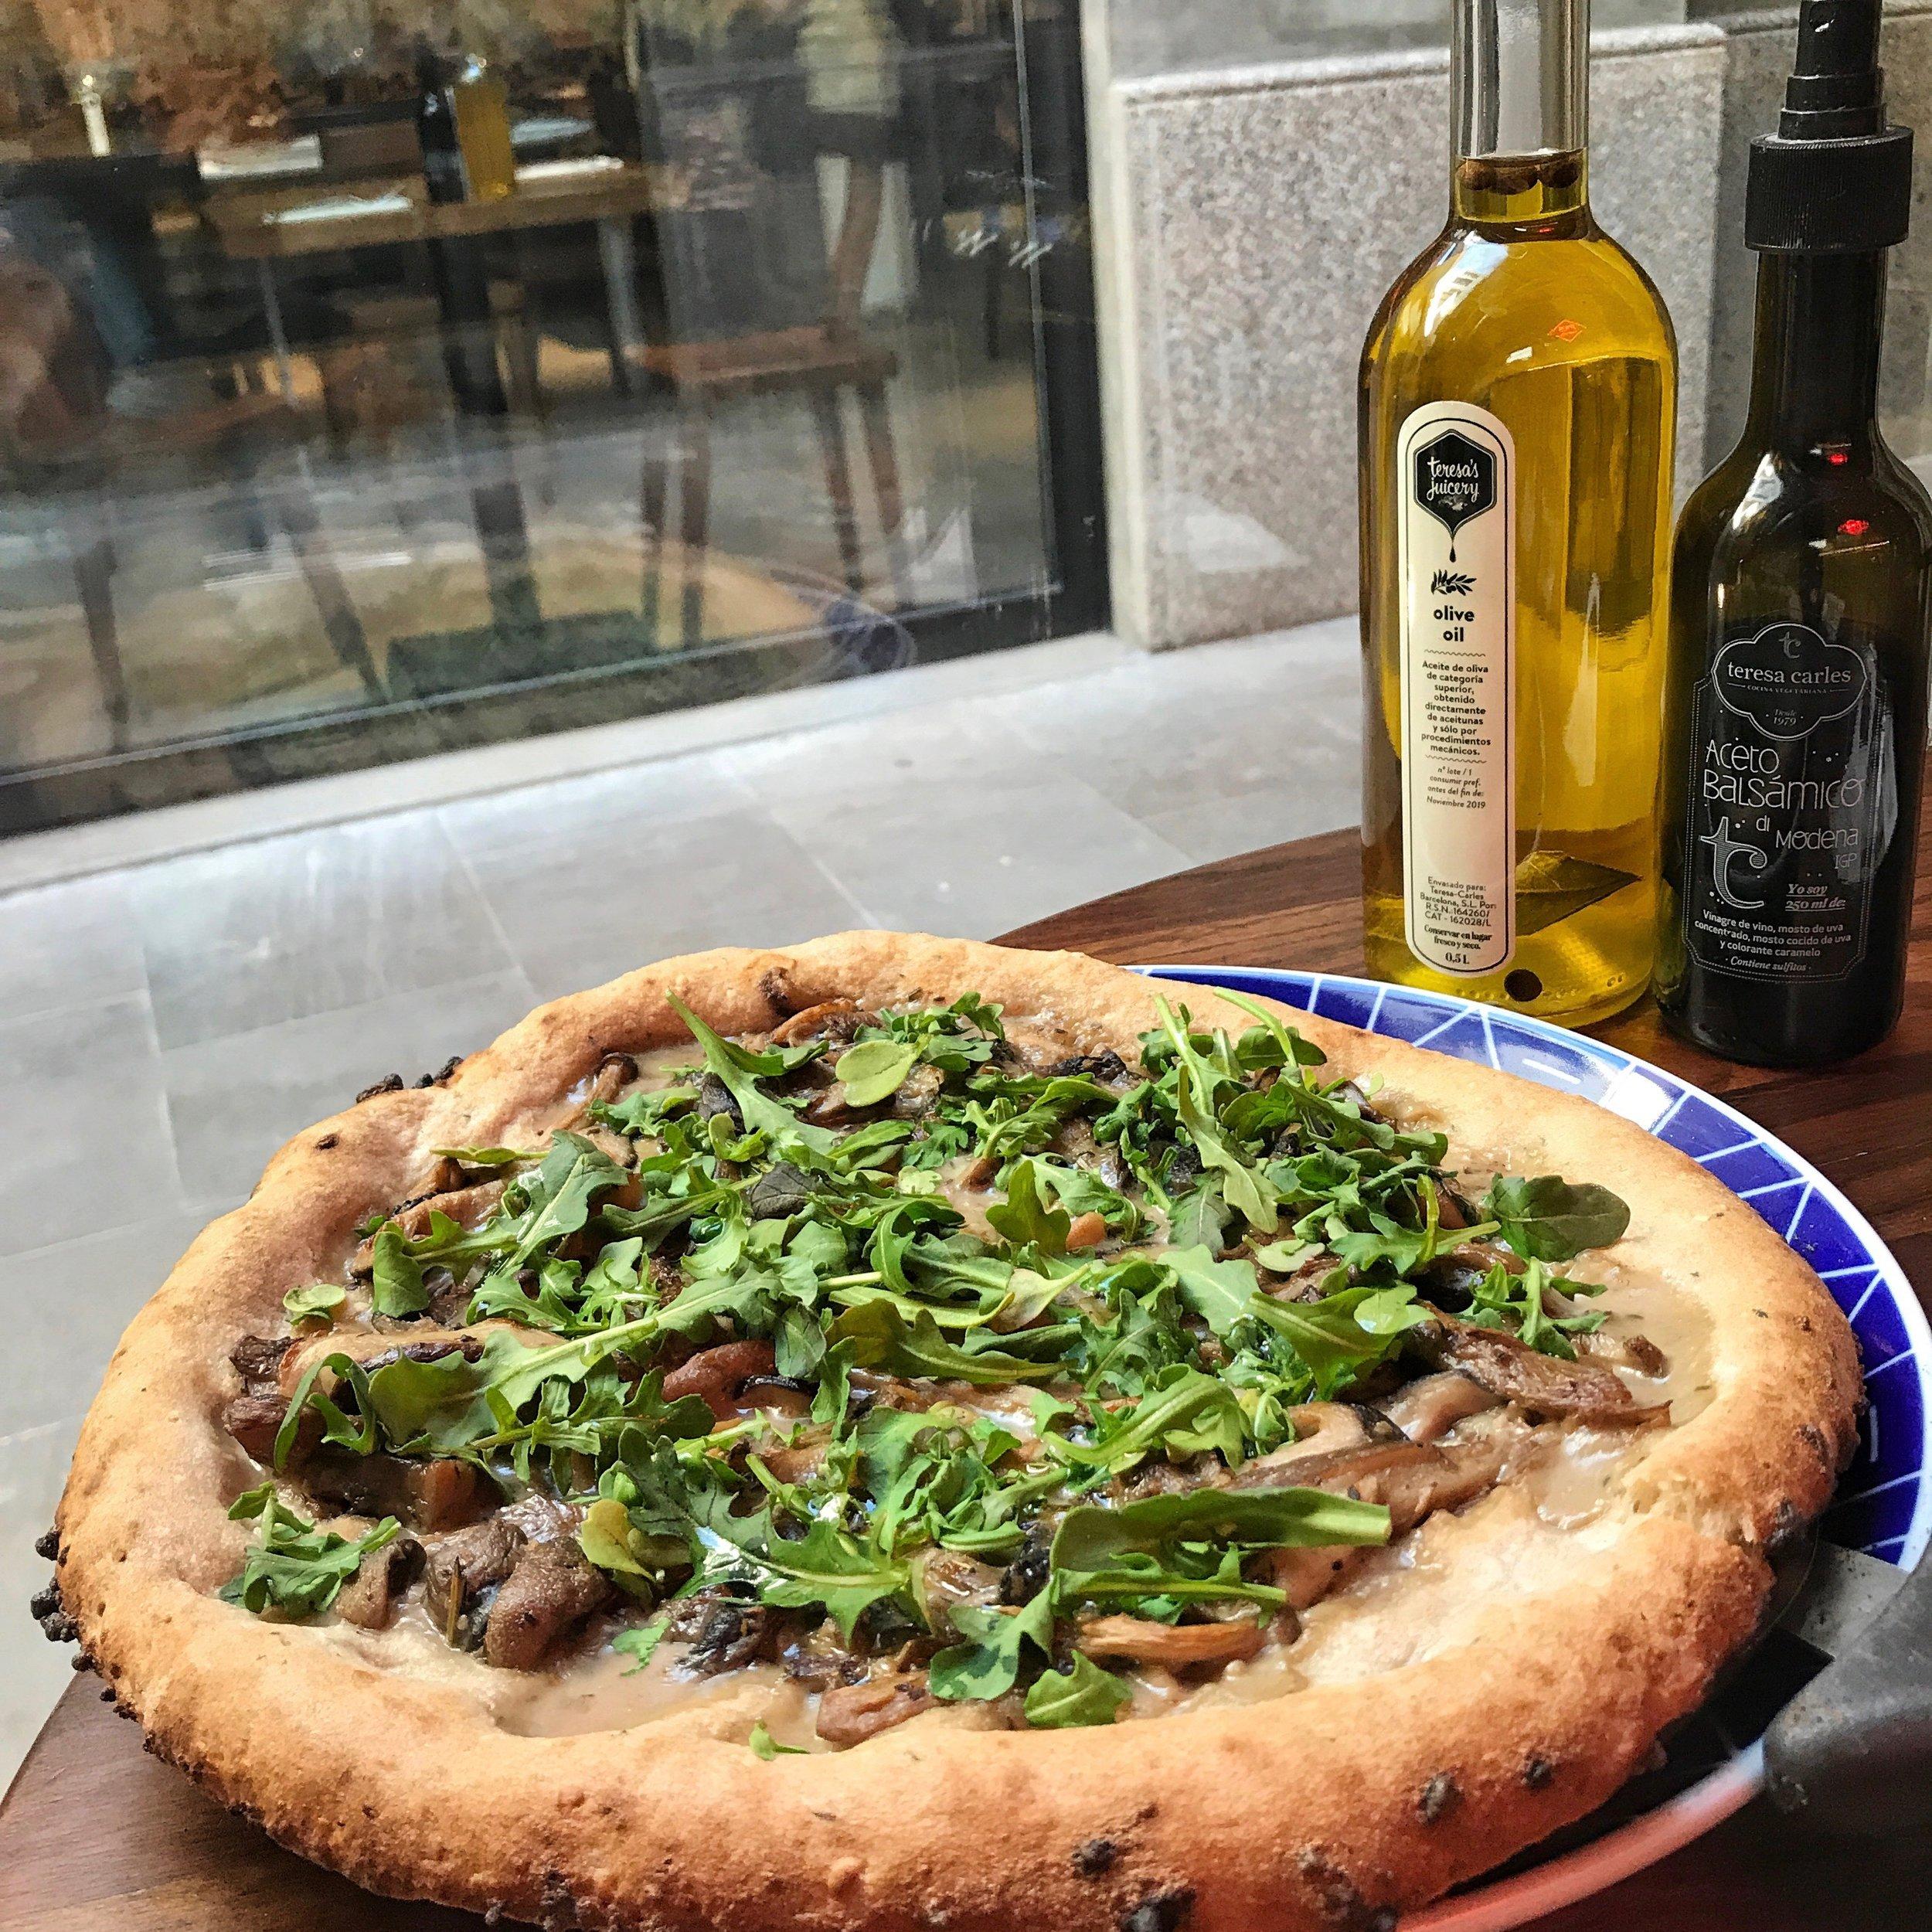 Dieser Pizzateig ist göttlich. - Wer da keine Heisshunger-Attacke bekommt, dem ist nicht mehr zu helfen.